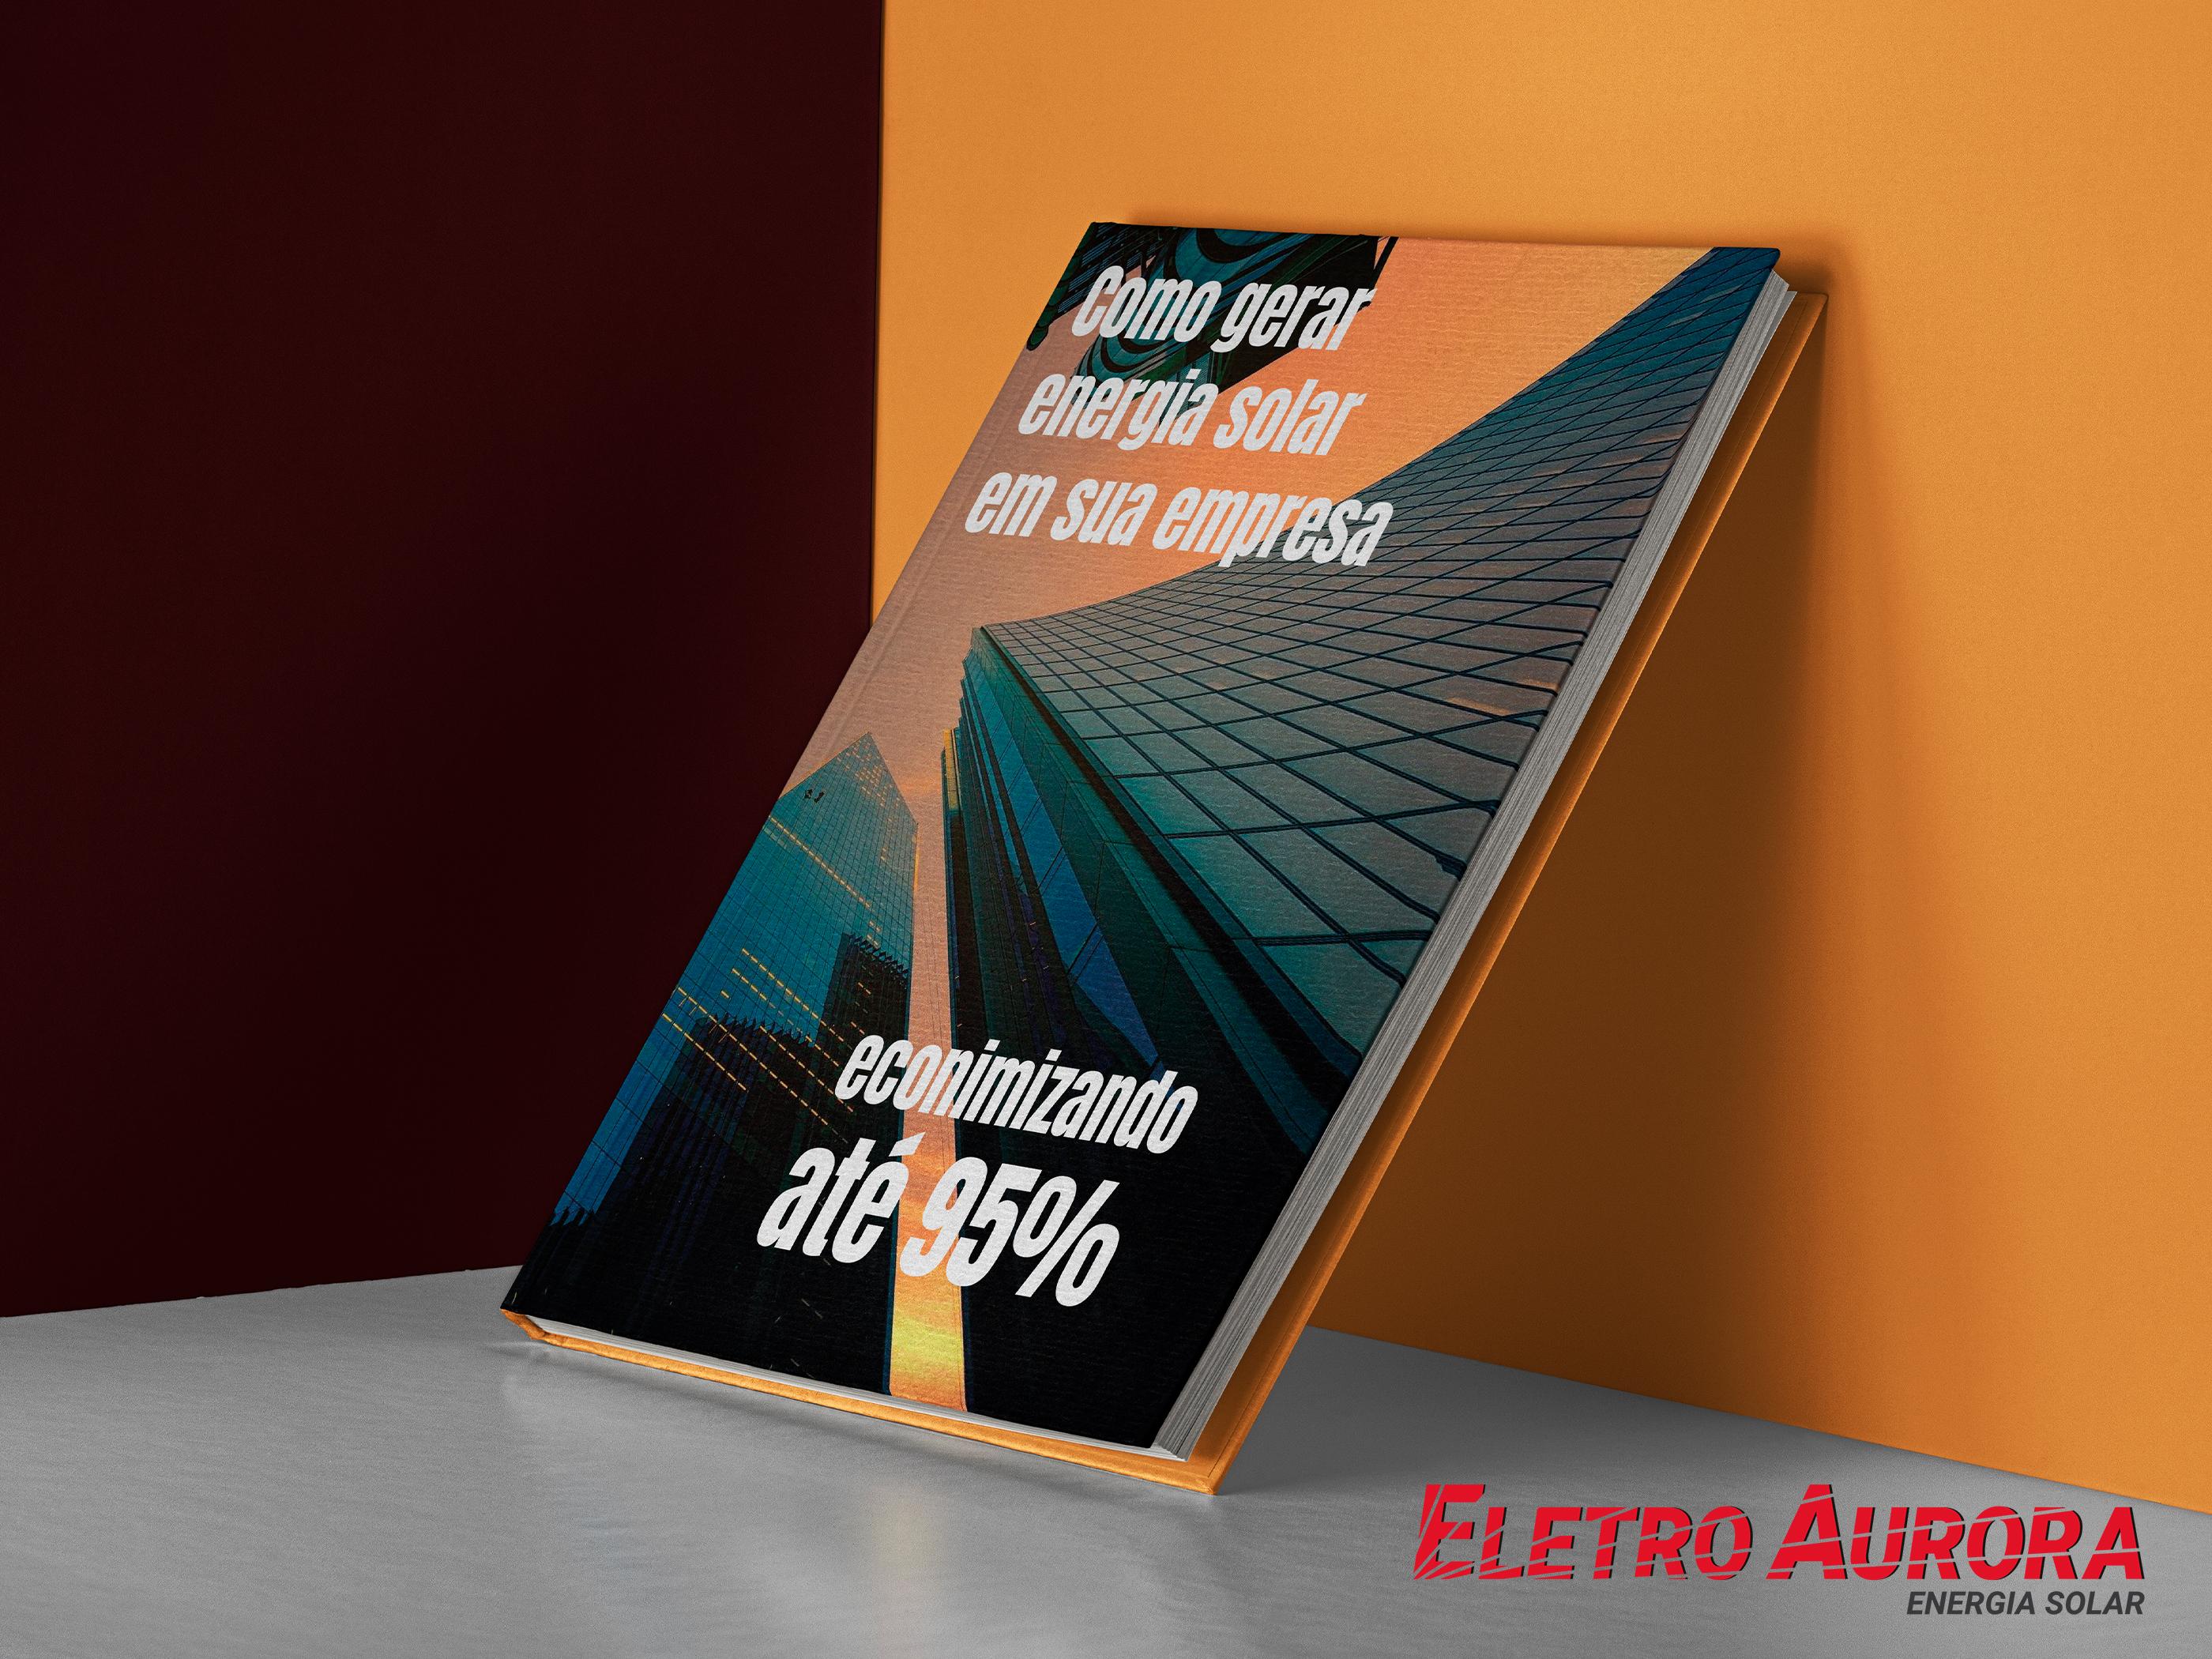 Eletro Aurora Energia Solar